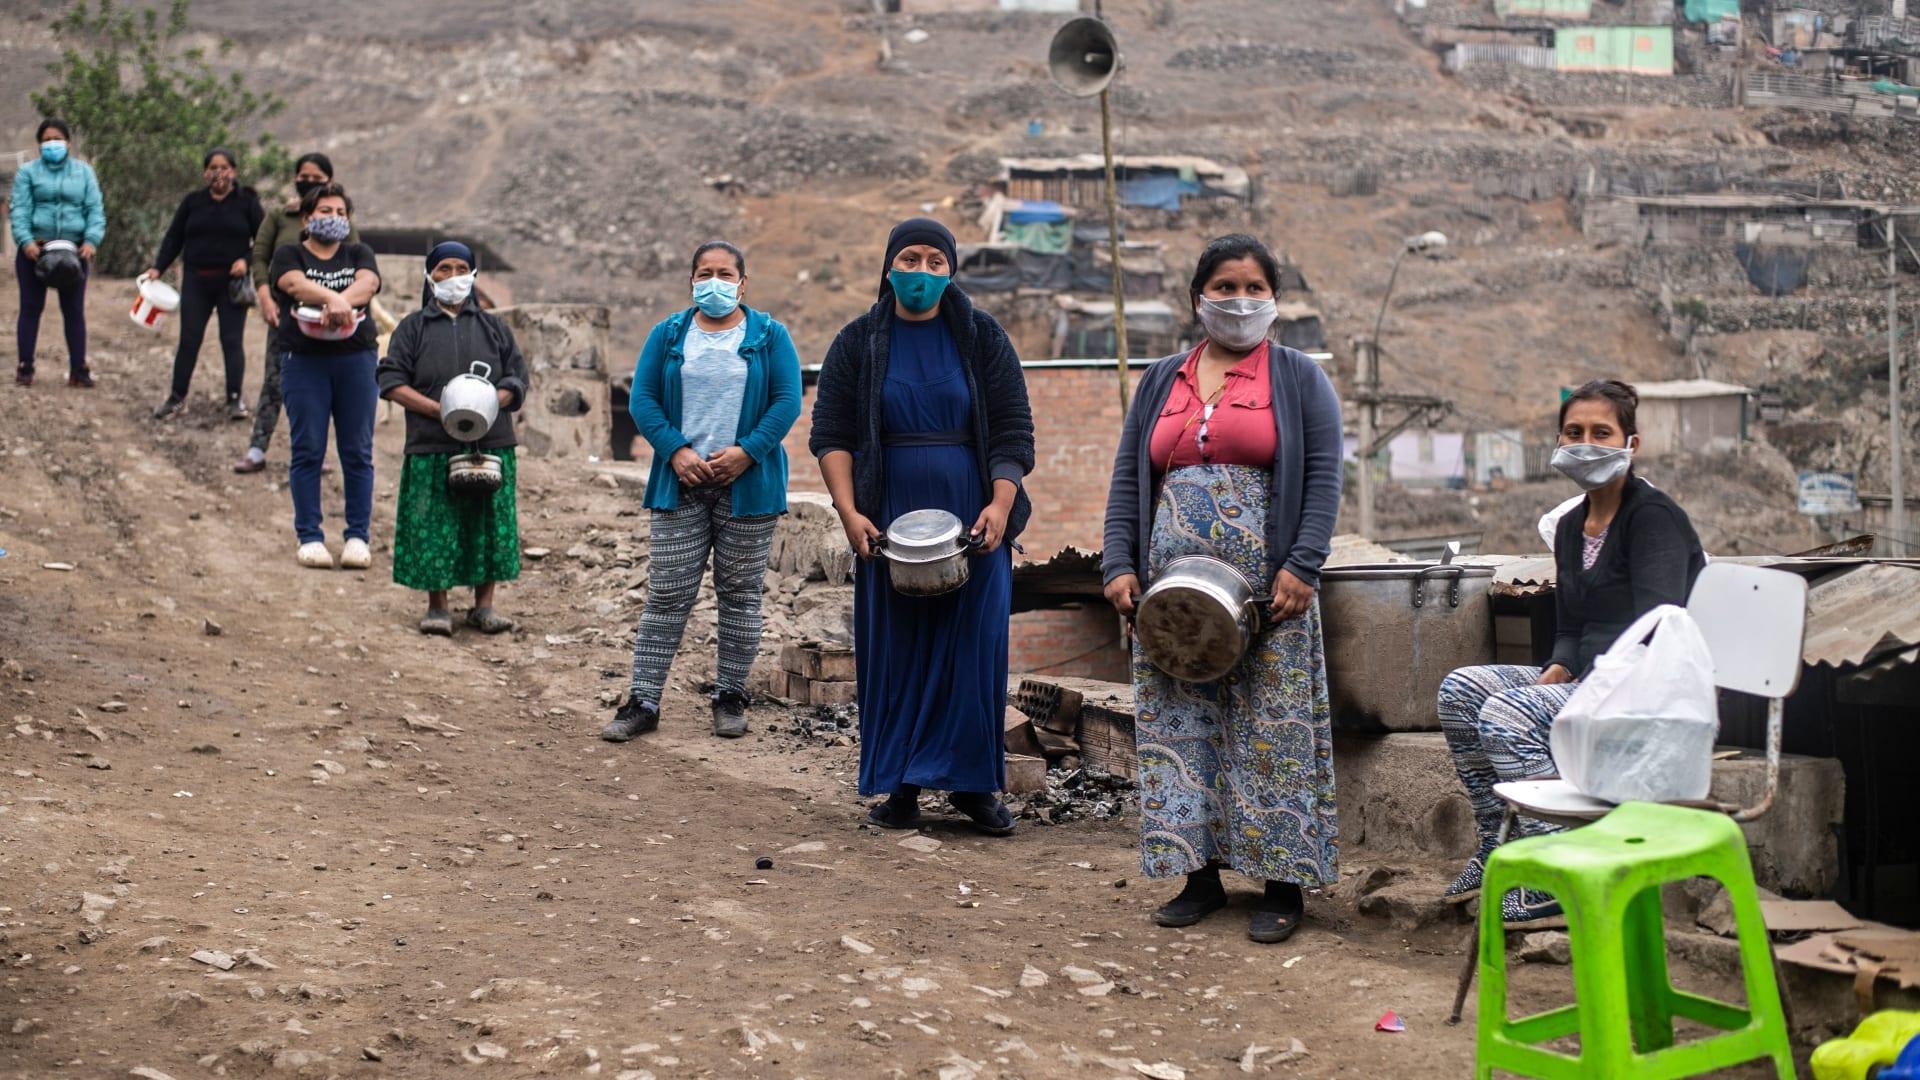 البنك الدولي يقترح تمويلاً إضافياً بـ25 مليار دولار للدول الأشد فقراً